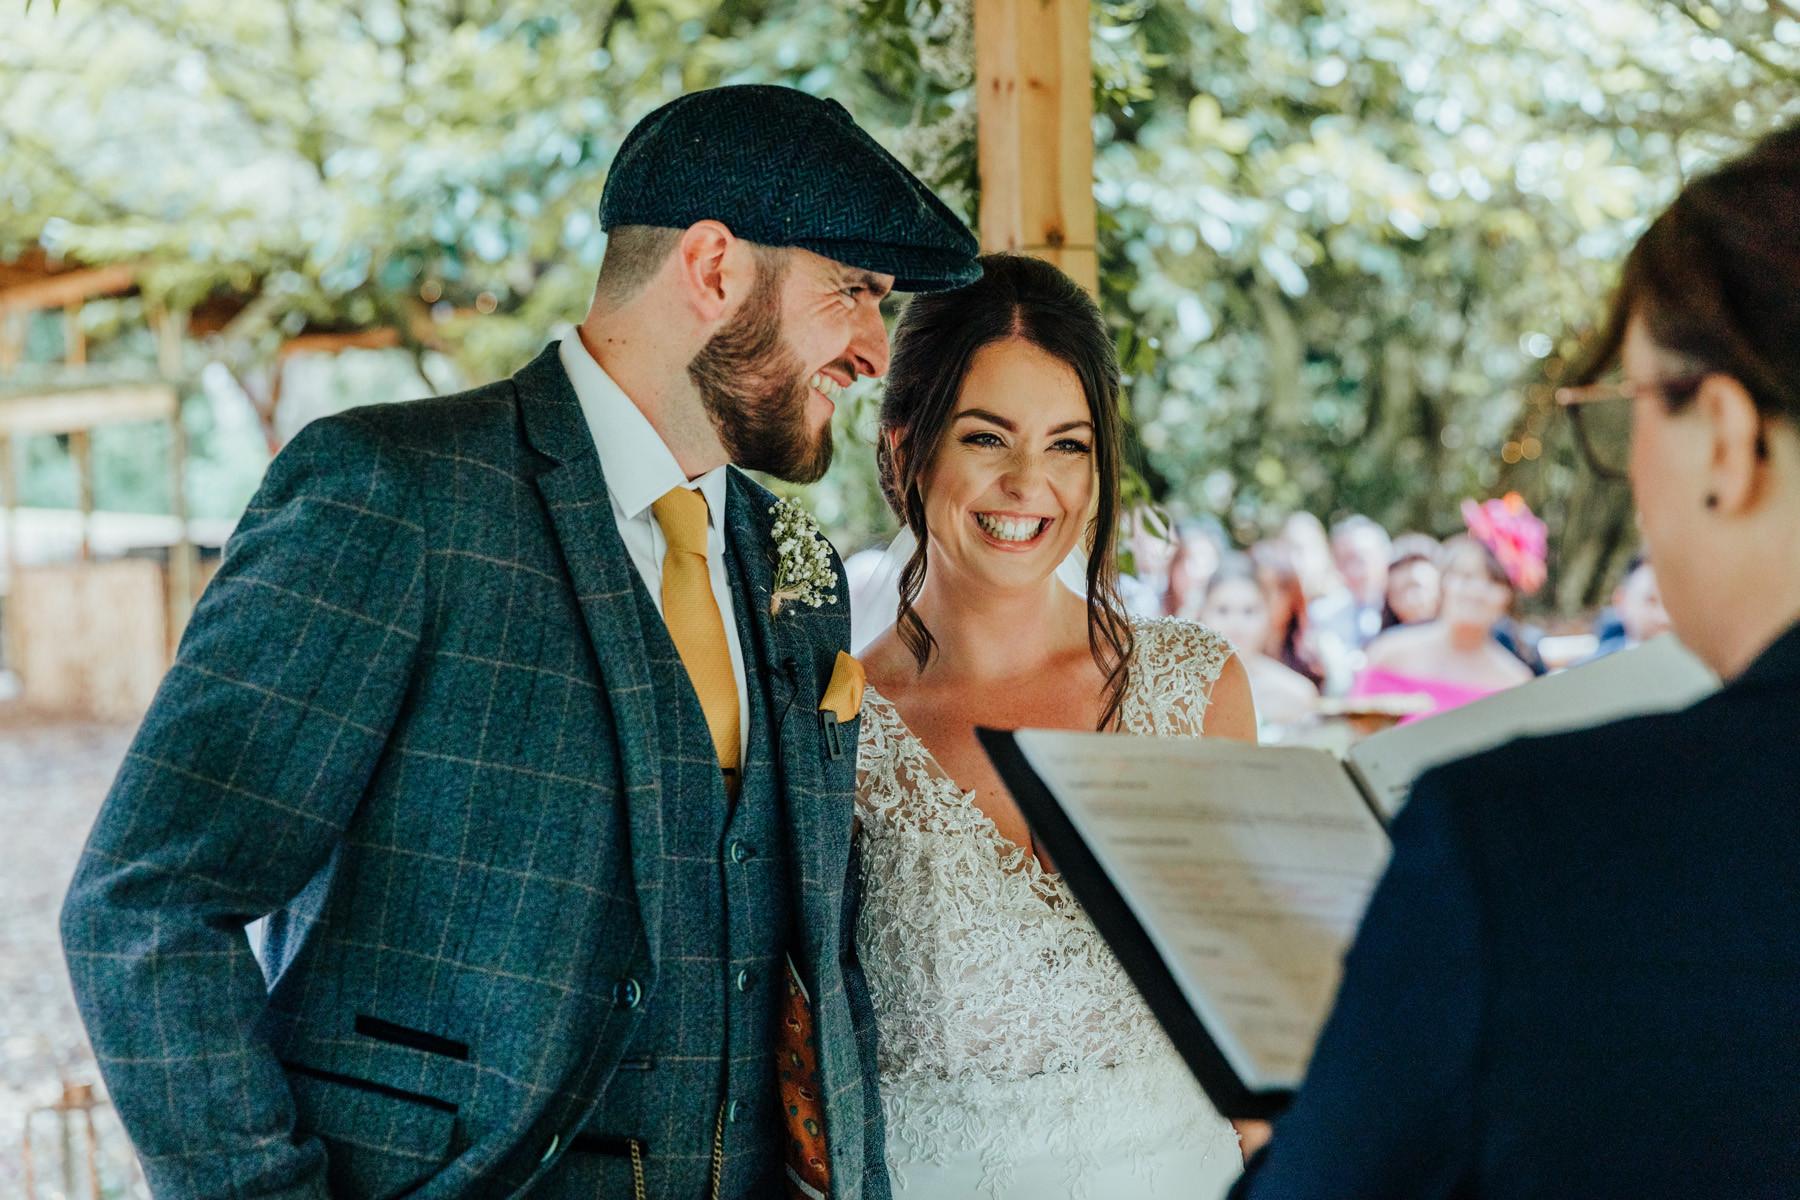 outdoor wedding at hazlewood castle woodland wedding venue